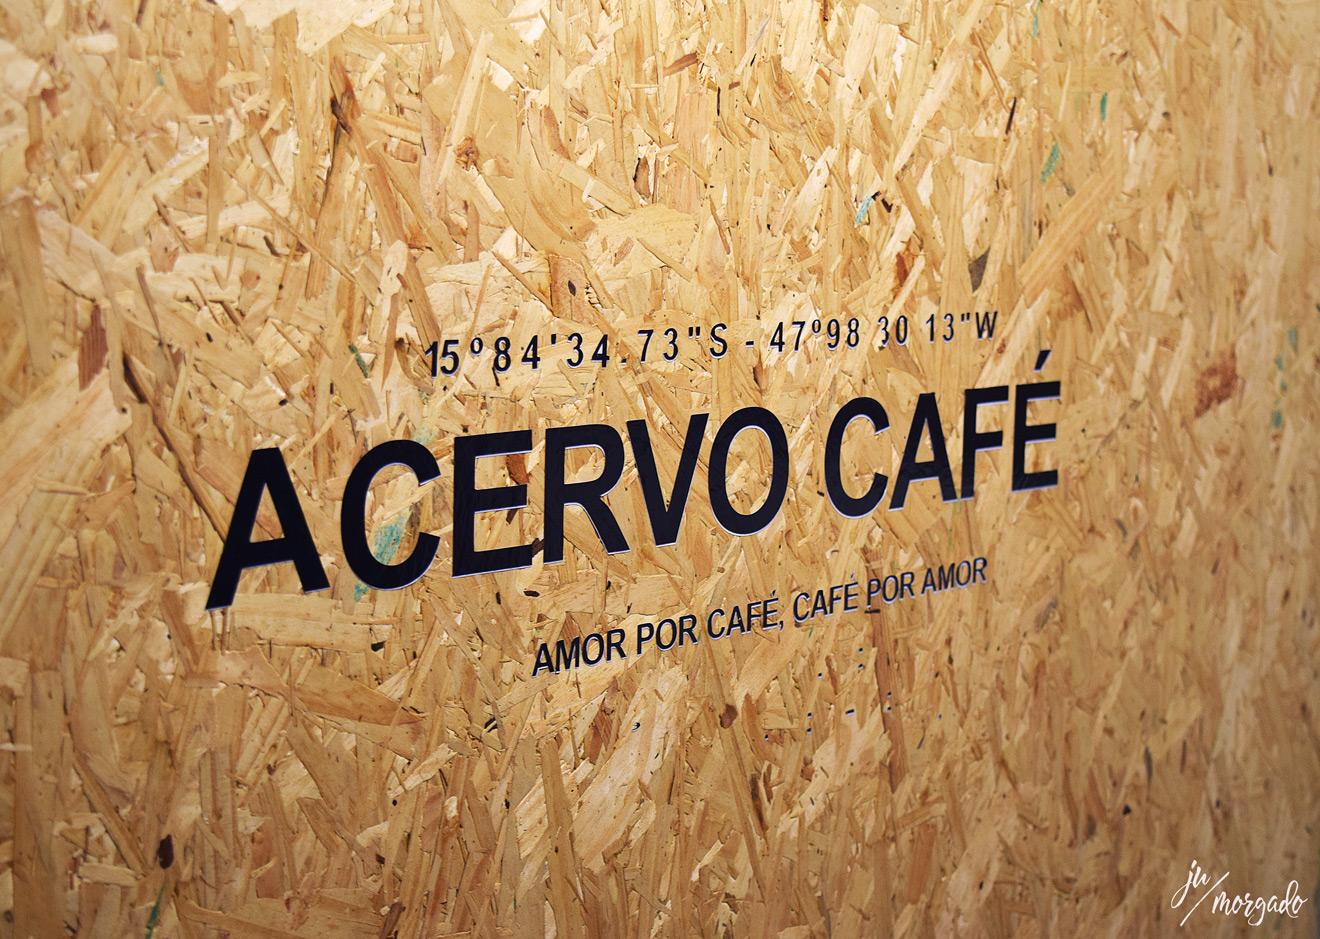 Placa de entrada do Acervo Café